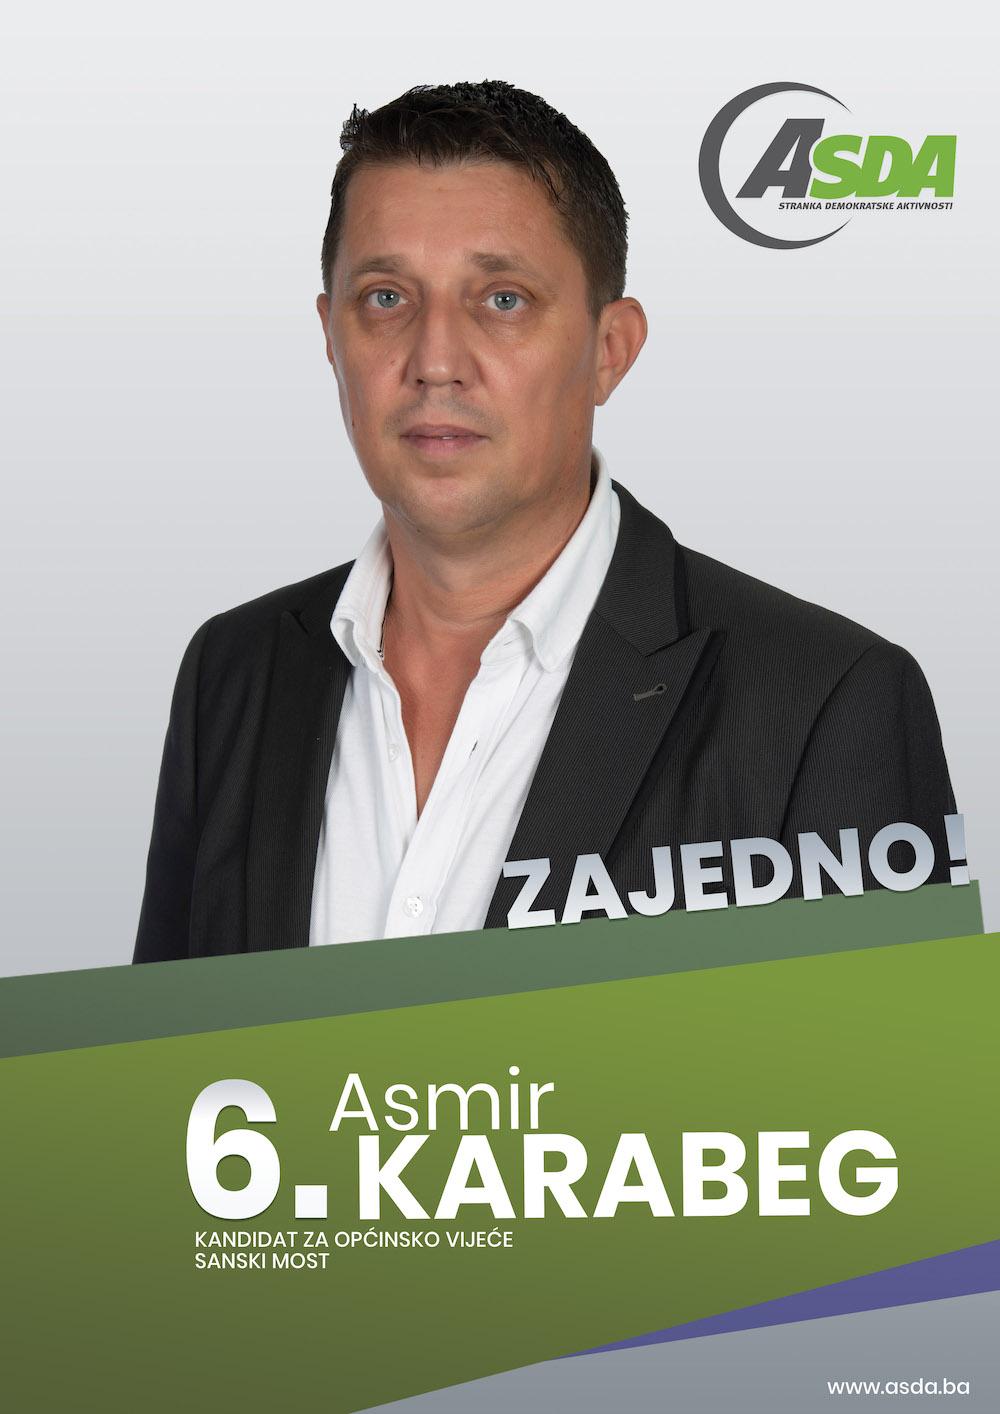 Asmir Karabeg